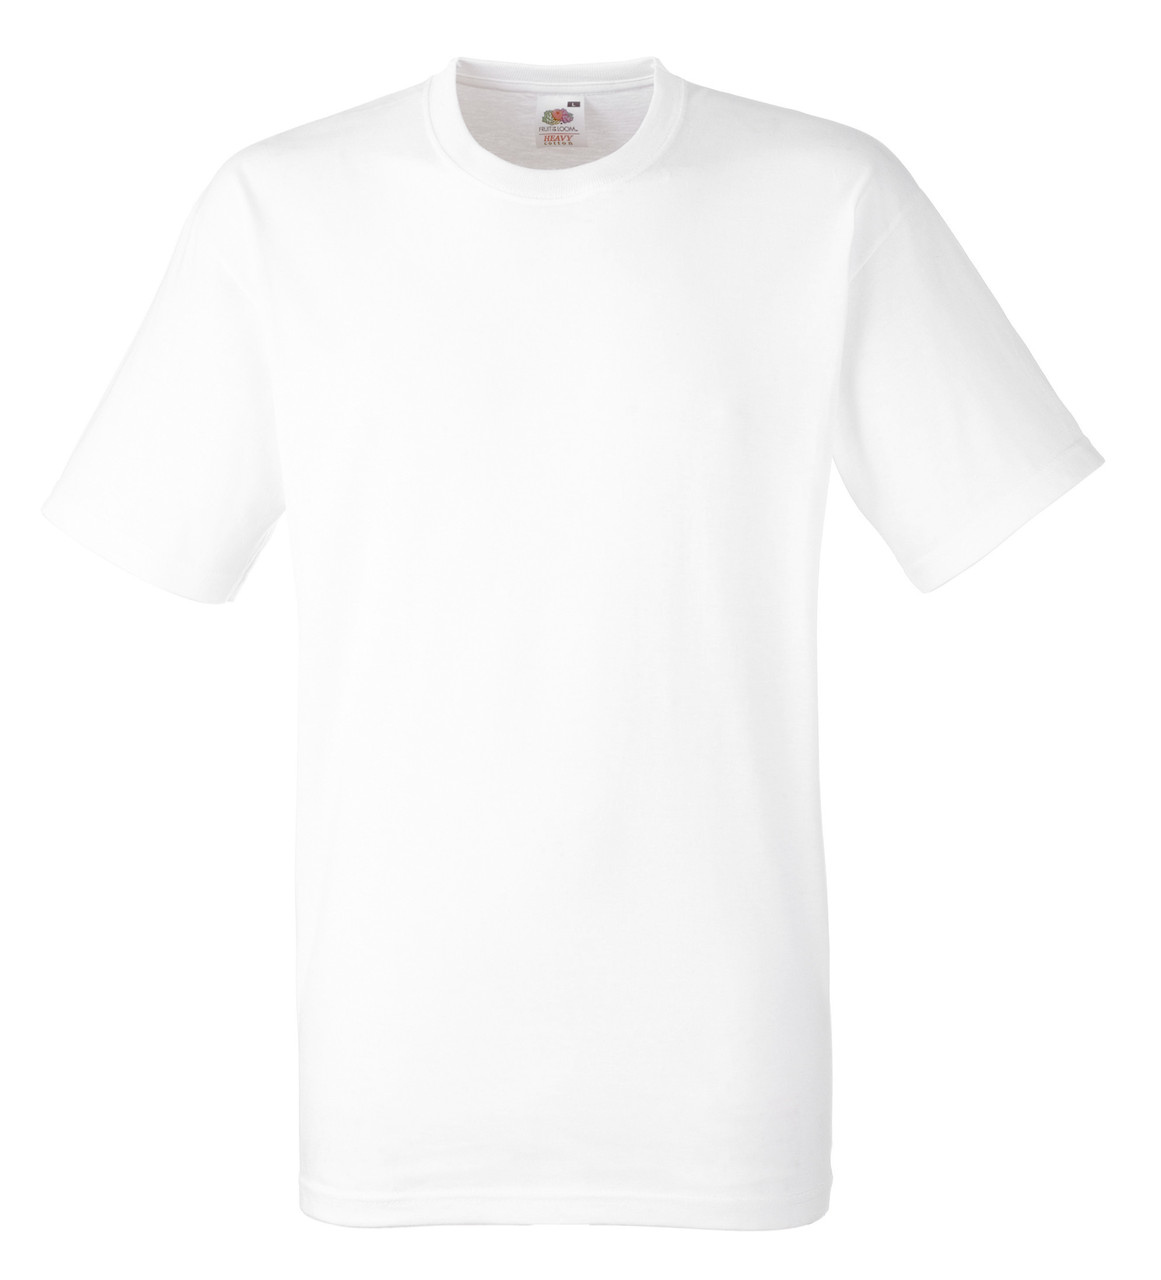 Мужская футболка Плотная Fruit of the loom Белый 61-212-30 3XL